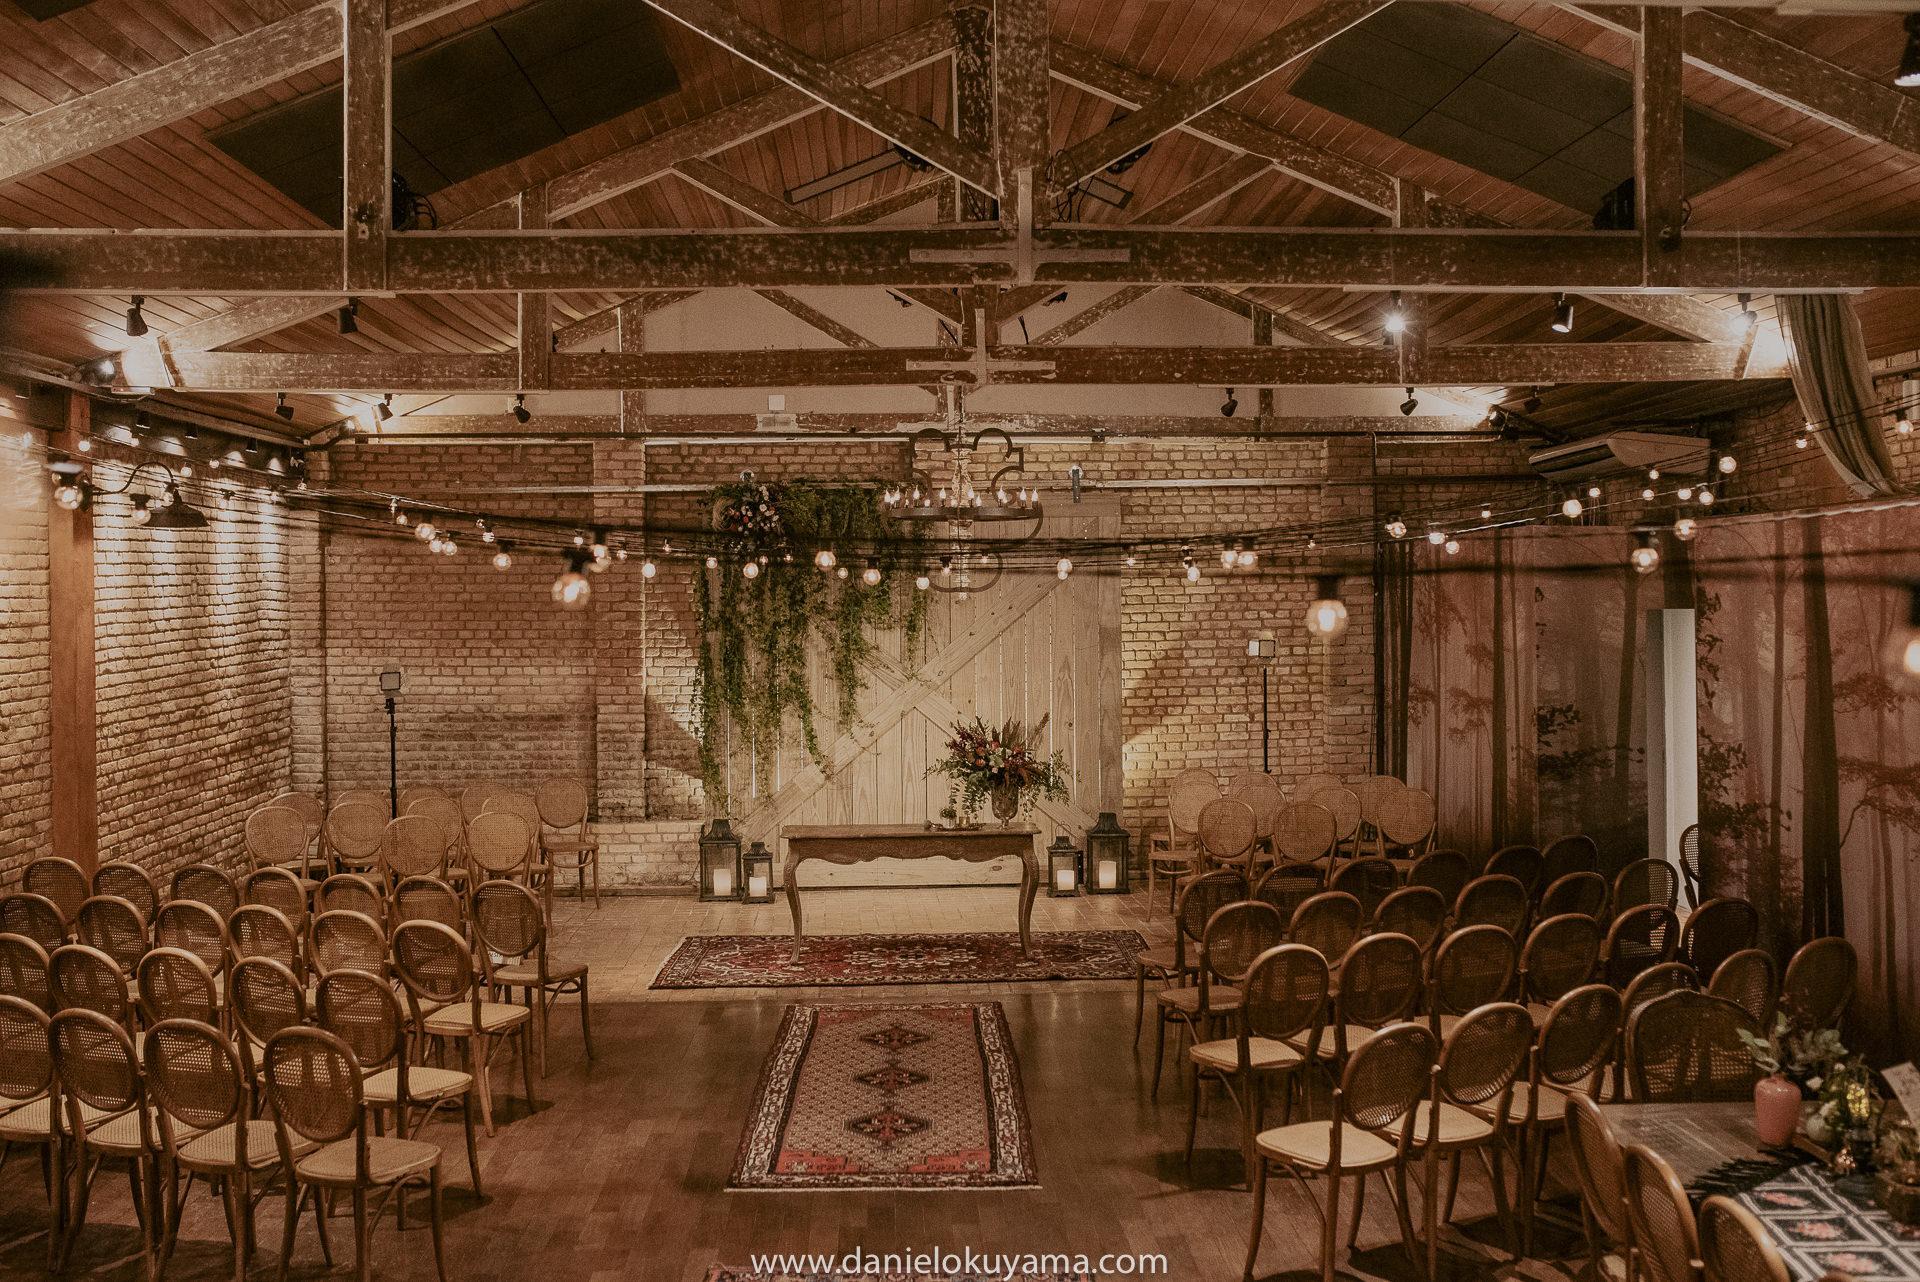 lugares para casar em sp